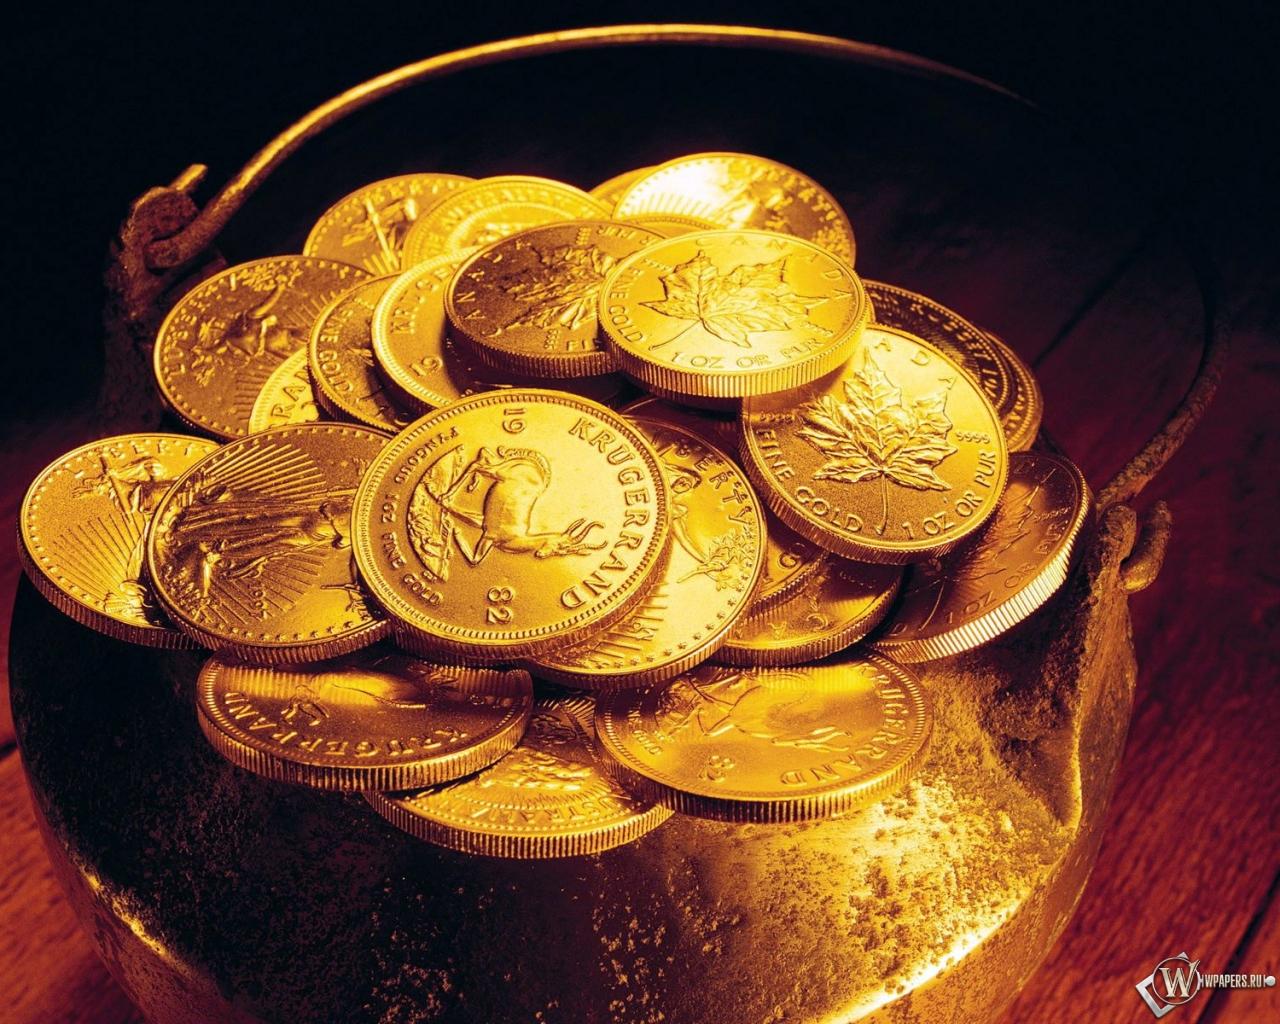 Деньги железо монеты 1280x1024 картинки